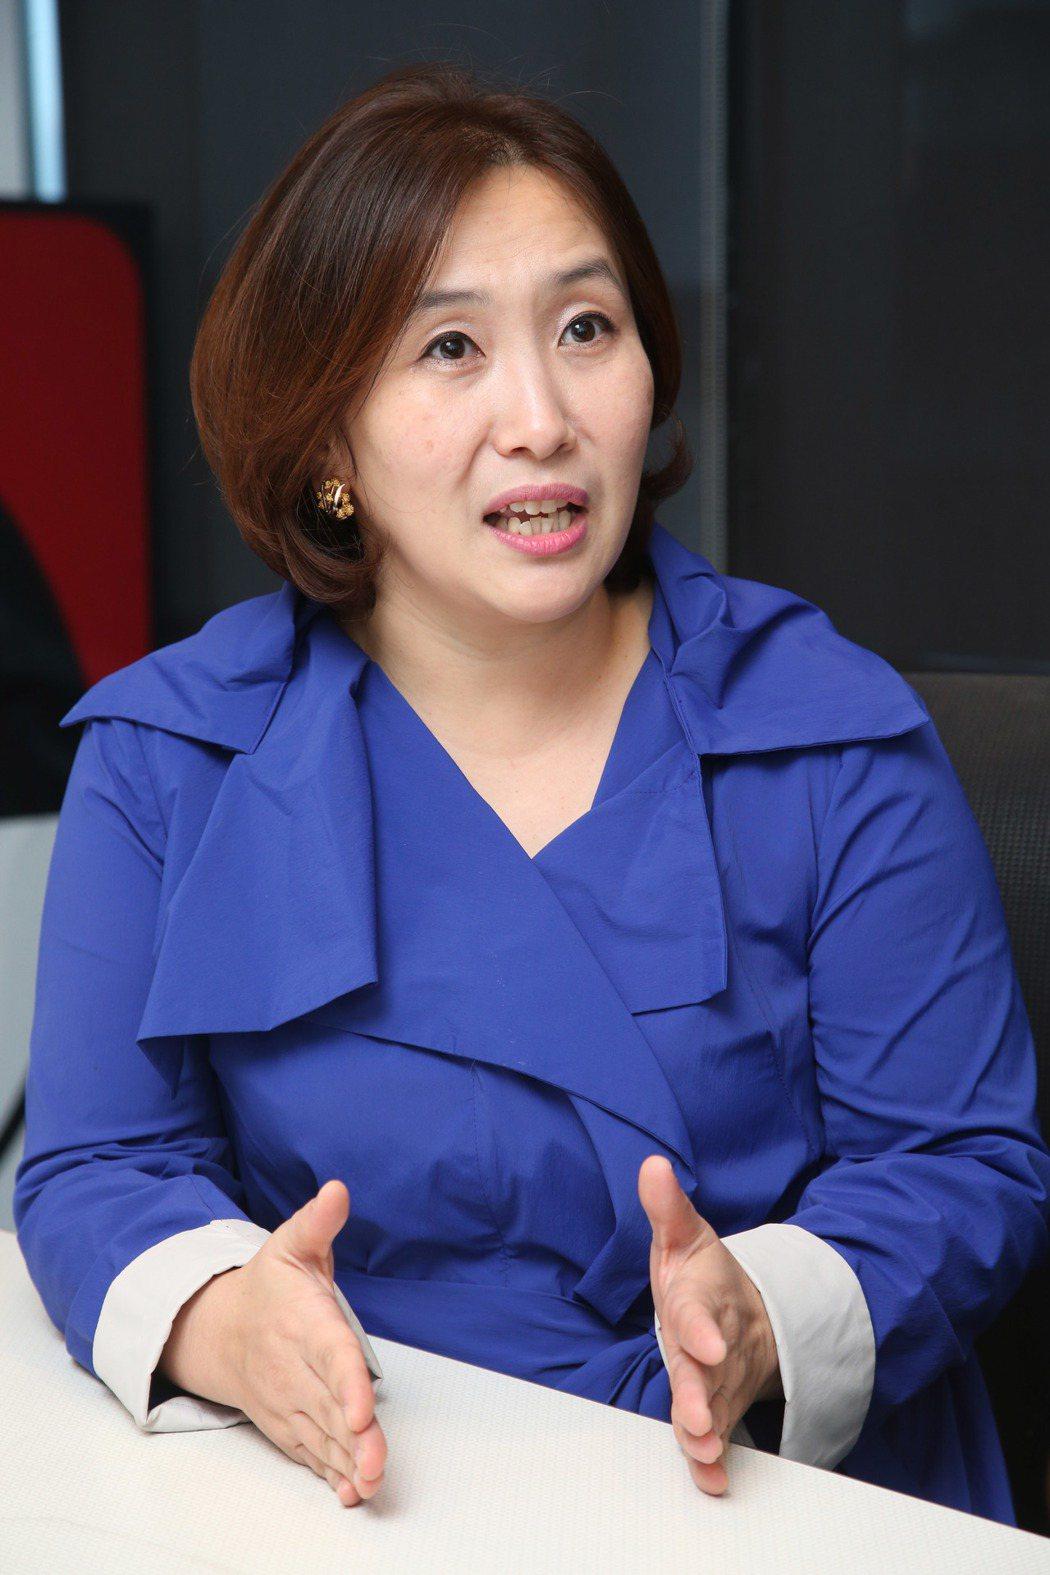 李美英院長讚美台灣孩子資質佳。記者陳瑞源/攝影